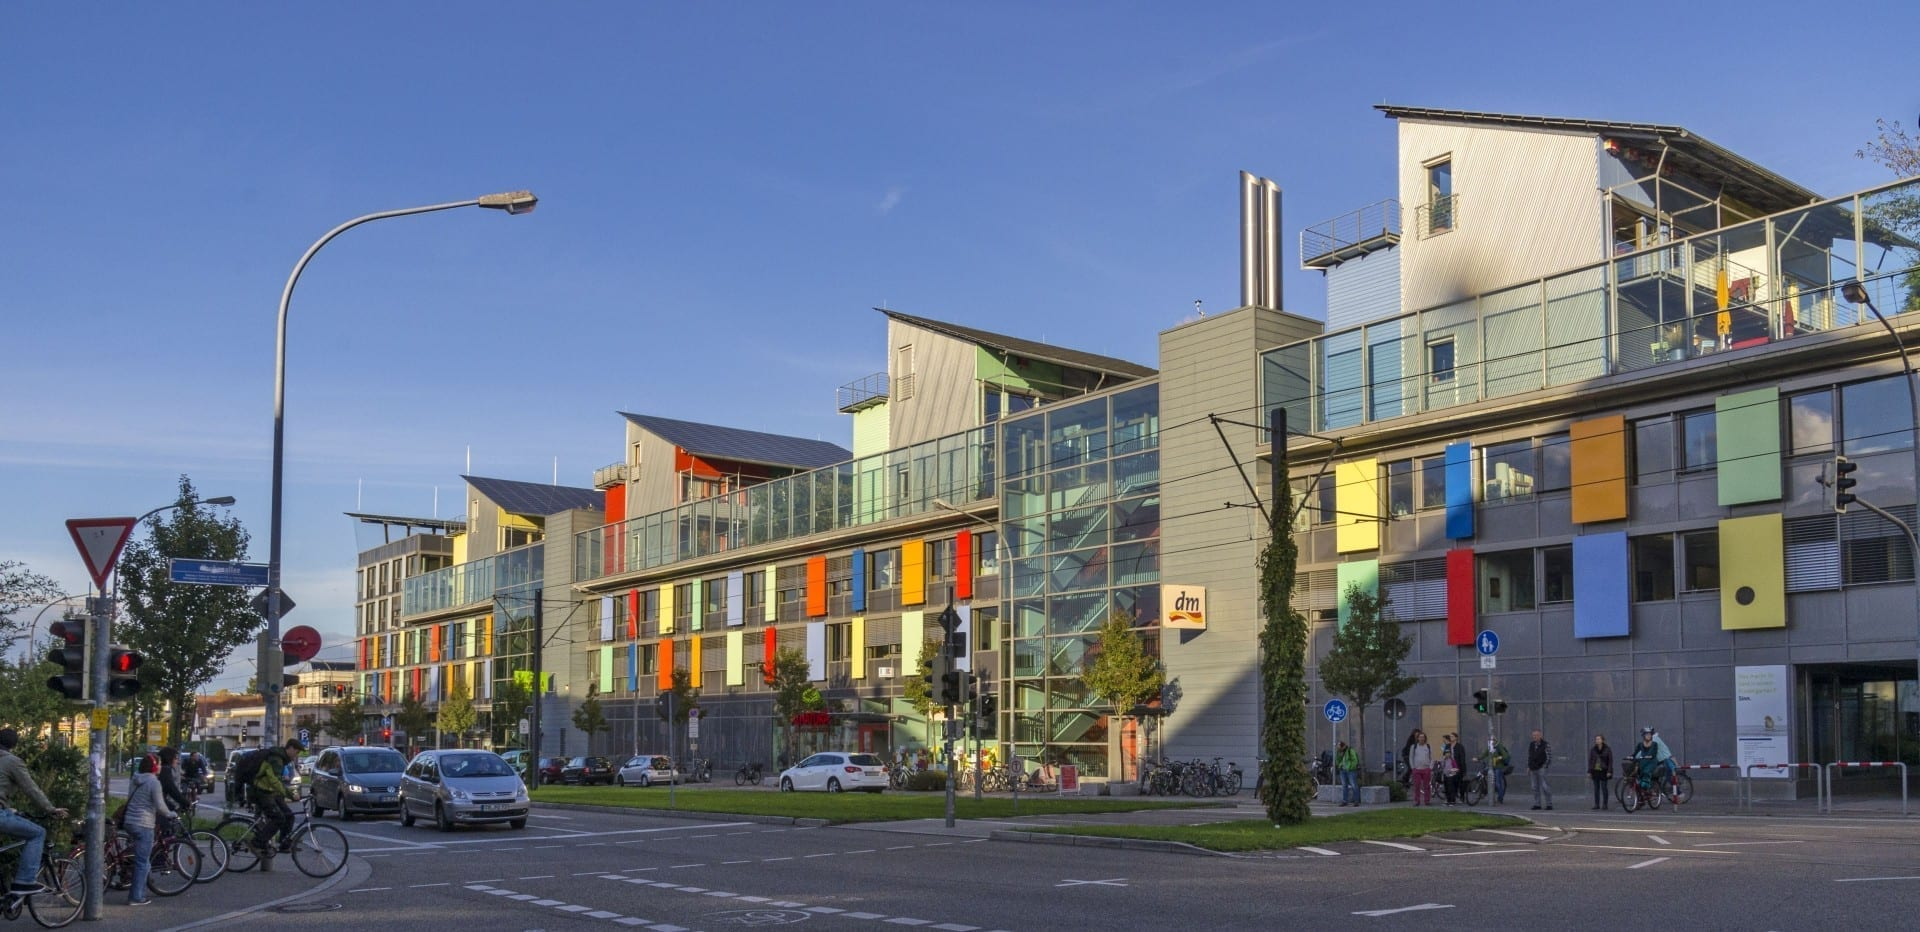 Para una muestra de la Friburgo contemporánea orientada al futuro, visite el distrito de Vauban, famoso por su enfoque en la sostenibilidad. Freiburg im Breisgau Alemania